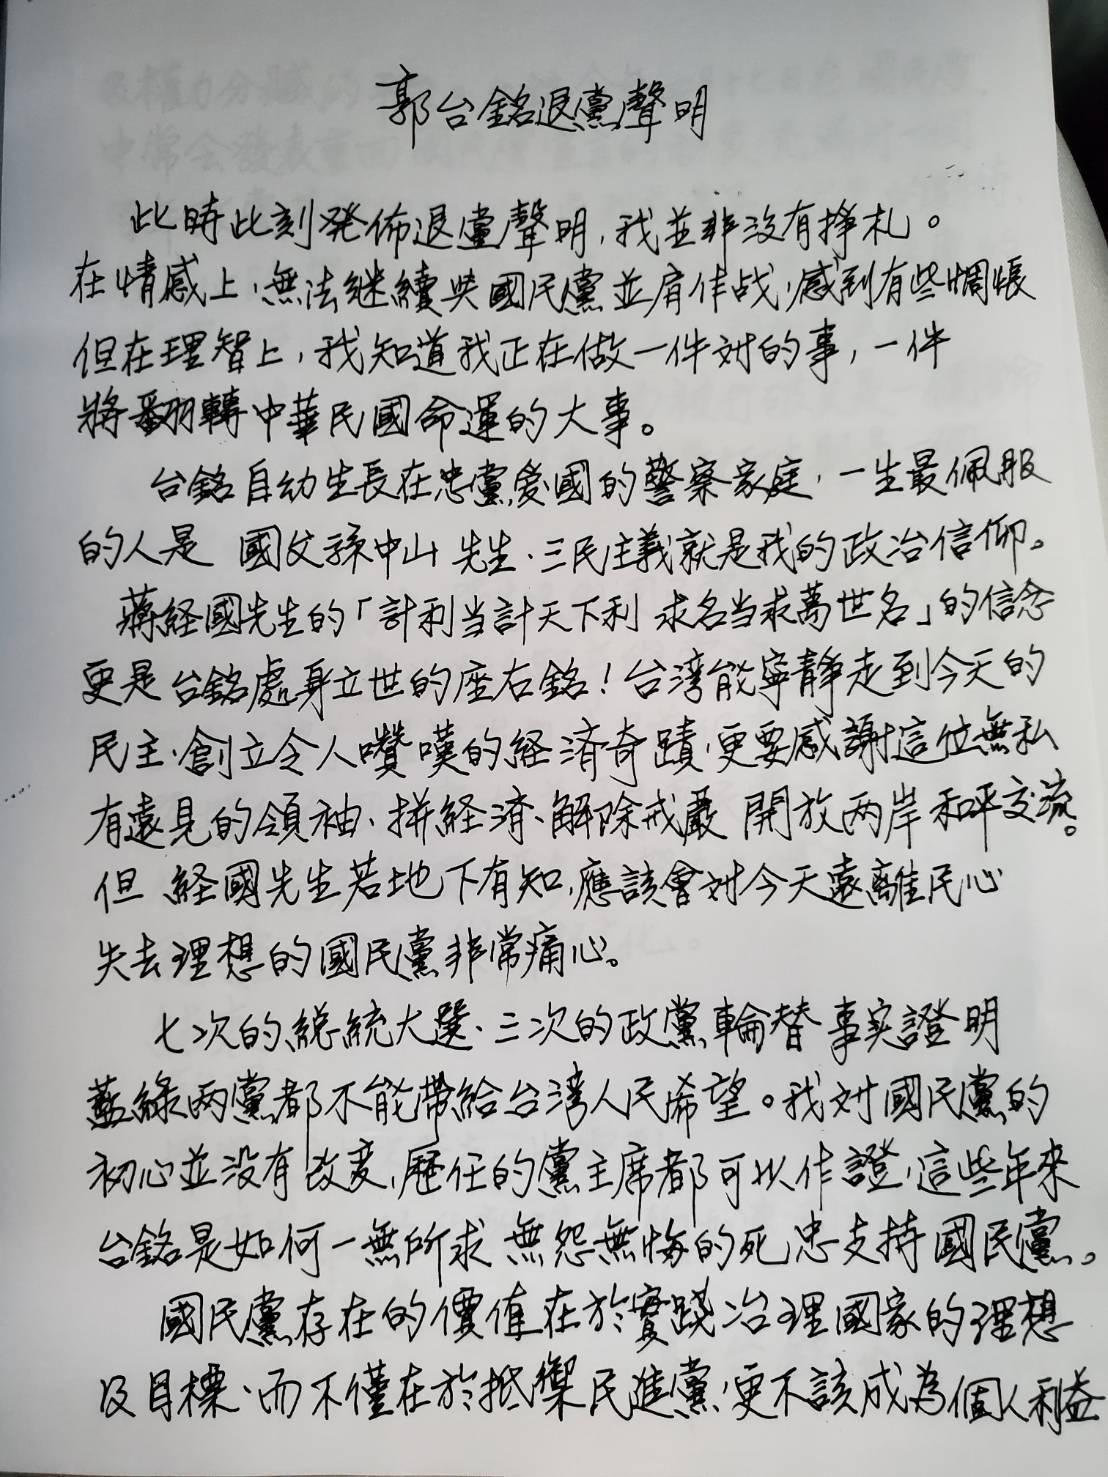 郭台銘退黨聲明手稿。圖/郭台銘辦公室提供